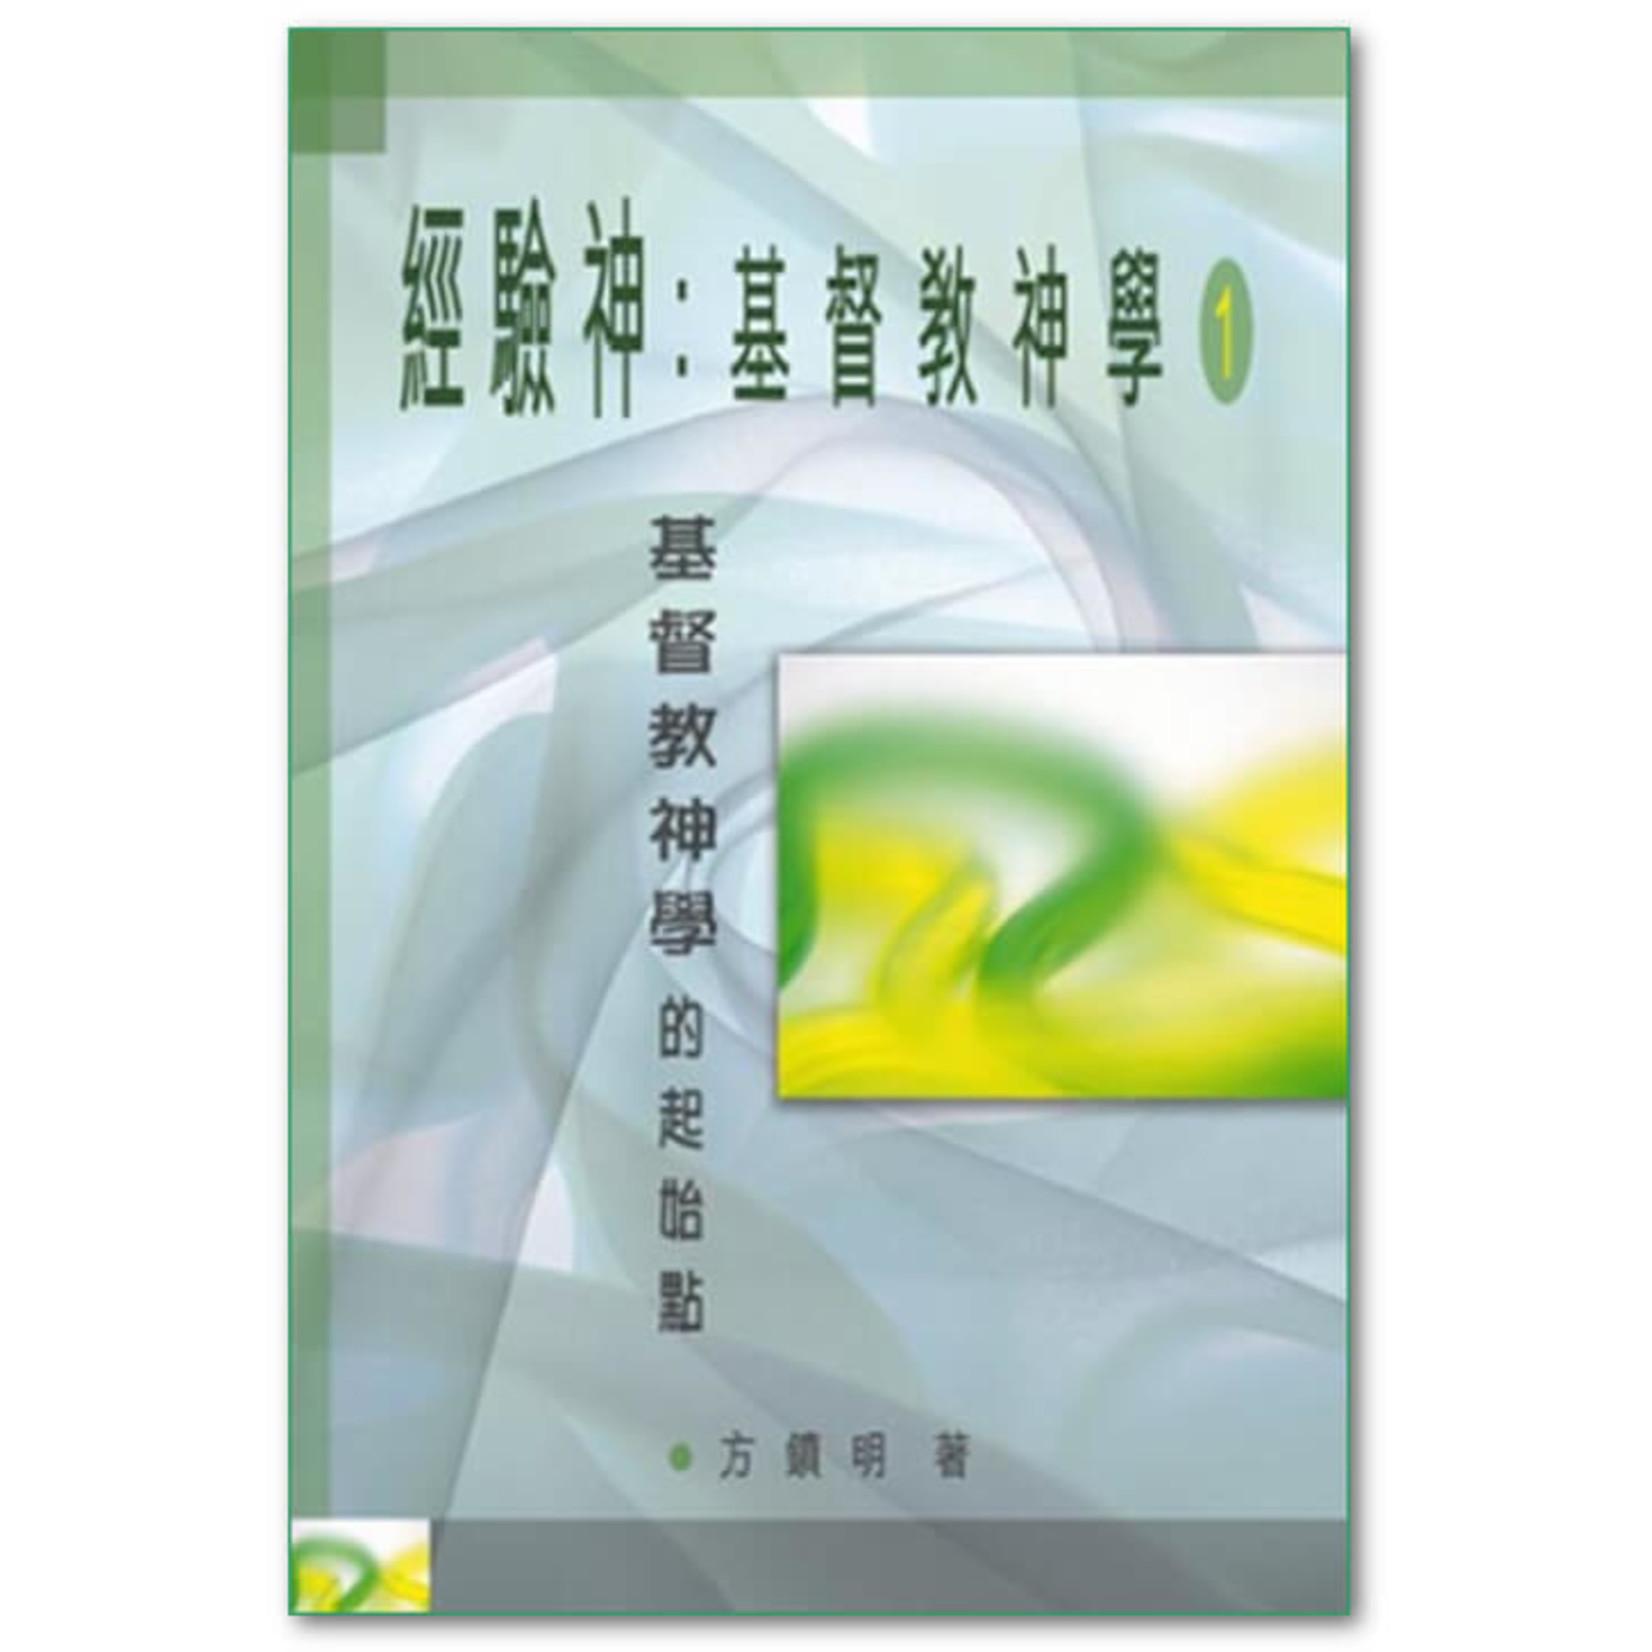 浸信會 Chinese Baptist Press 經驗神:基督教神學1--基督教神學的起始點